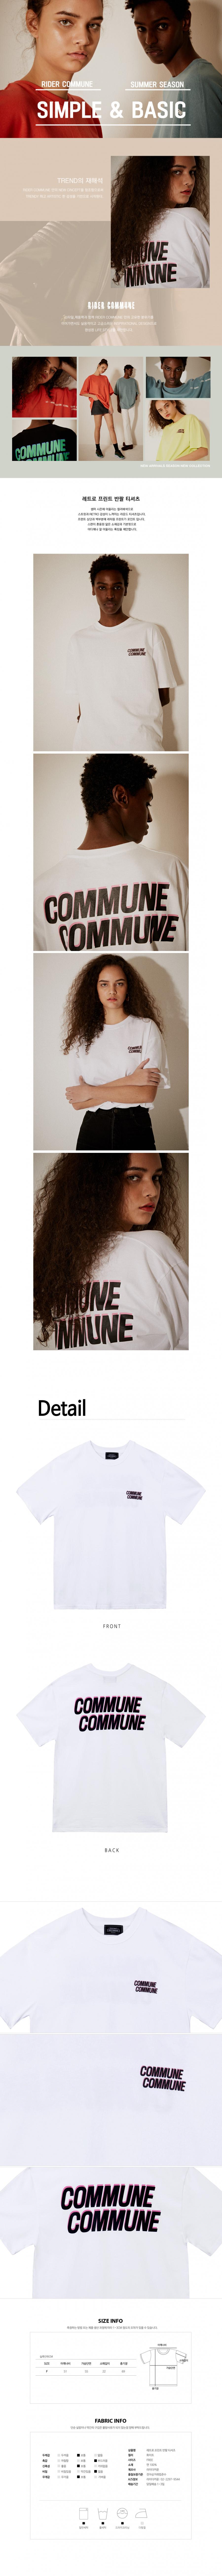 라이더커뮨(RIDER COMMUNE) 레트로 프린트 티셔츠 - 화이트(남여공용)